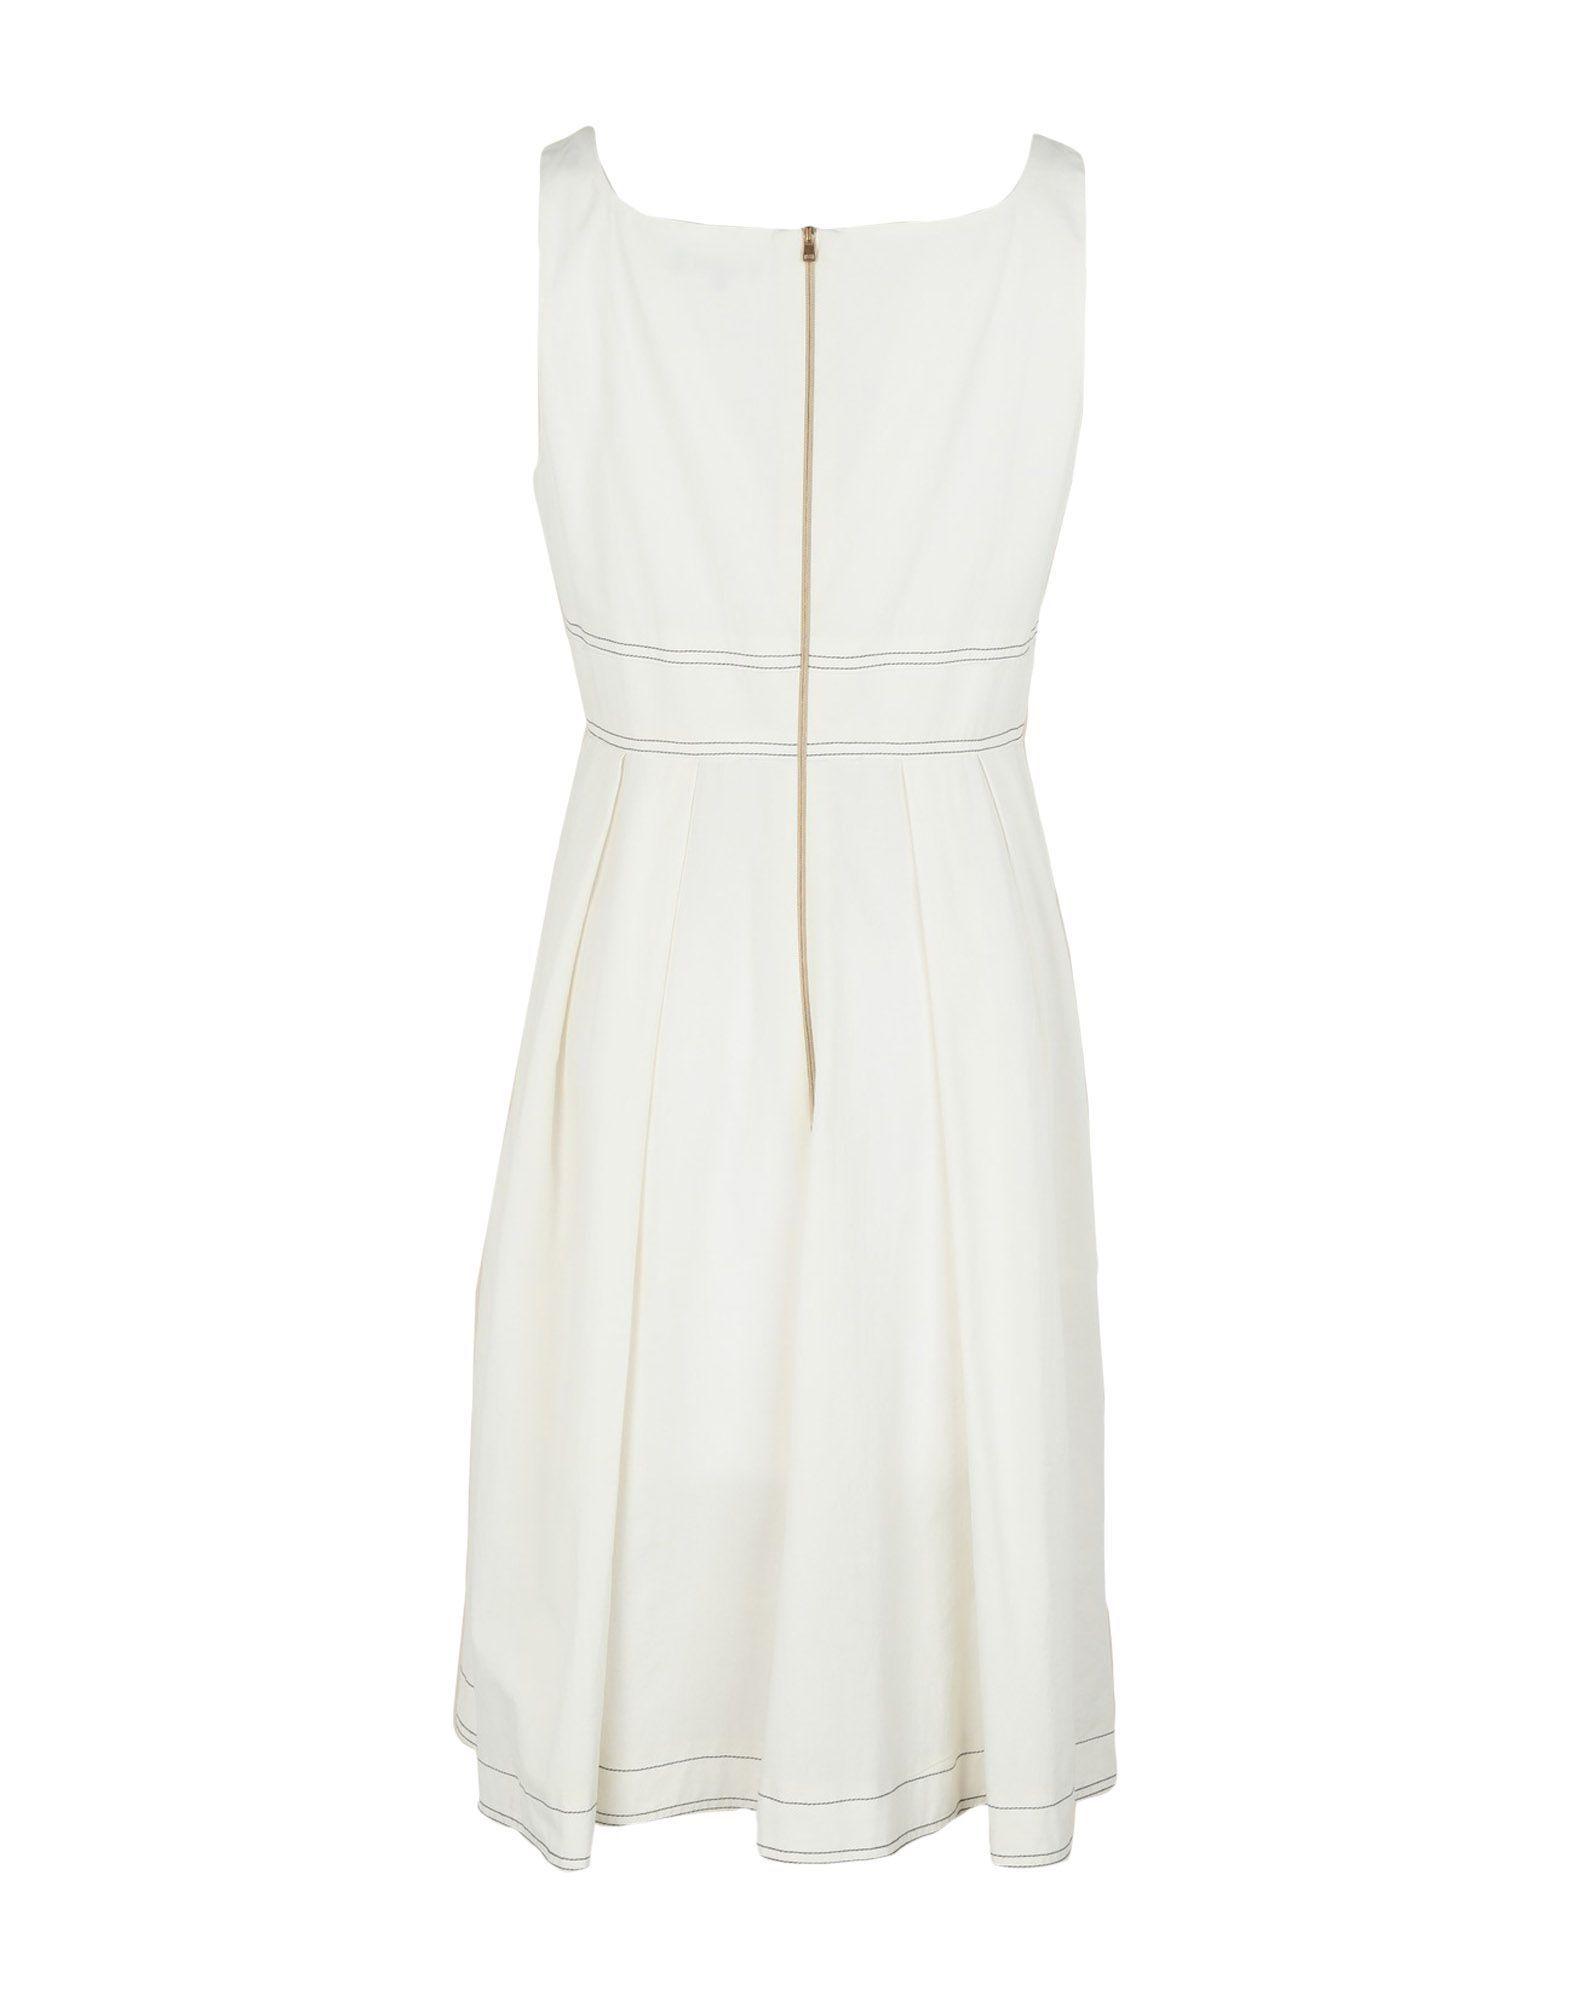 Tara Jarmon White Cotton Dress